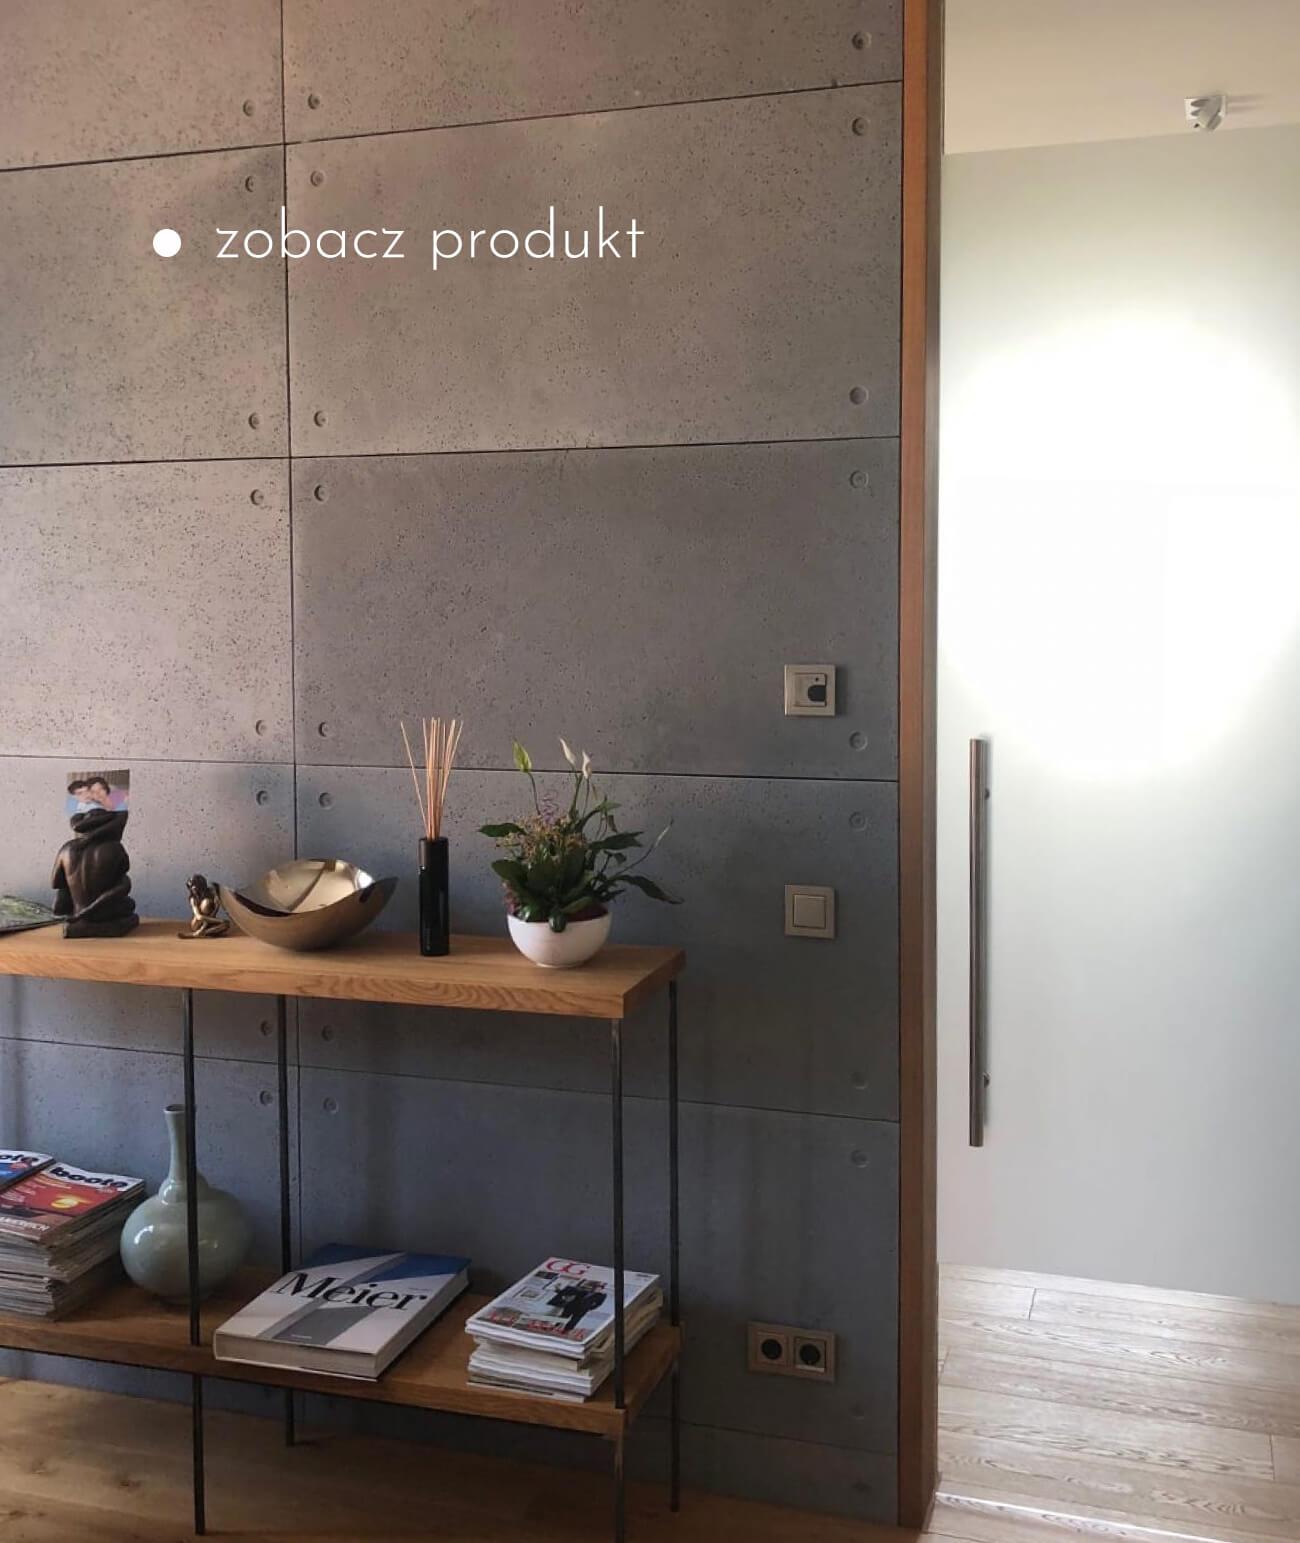 panele-betonowe-3d-scienne-i-elewacyjne-beton-architektoniczny_922-20180-pb30-b8-antracyt-standard---panel-dekor-3d-beton-architektoniczny-panel-scienny